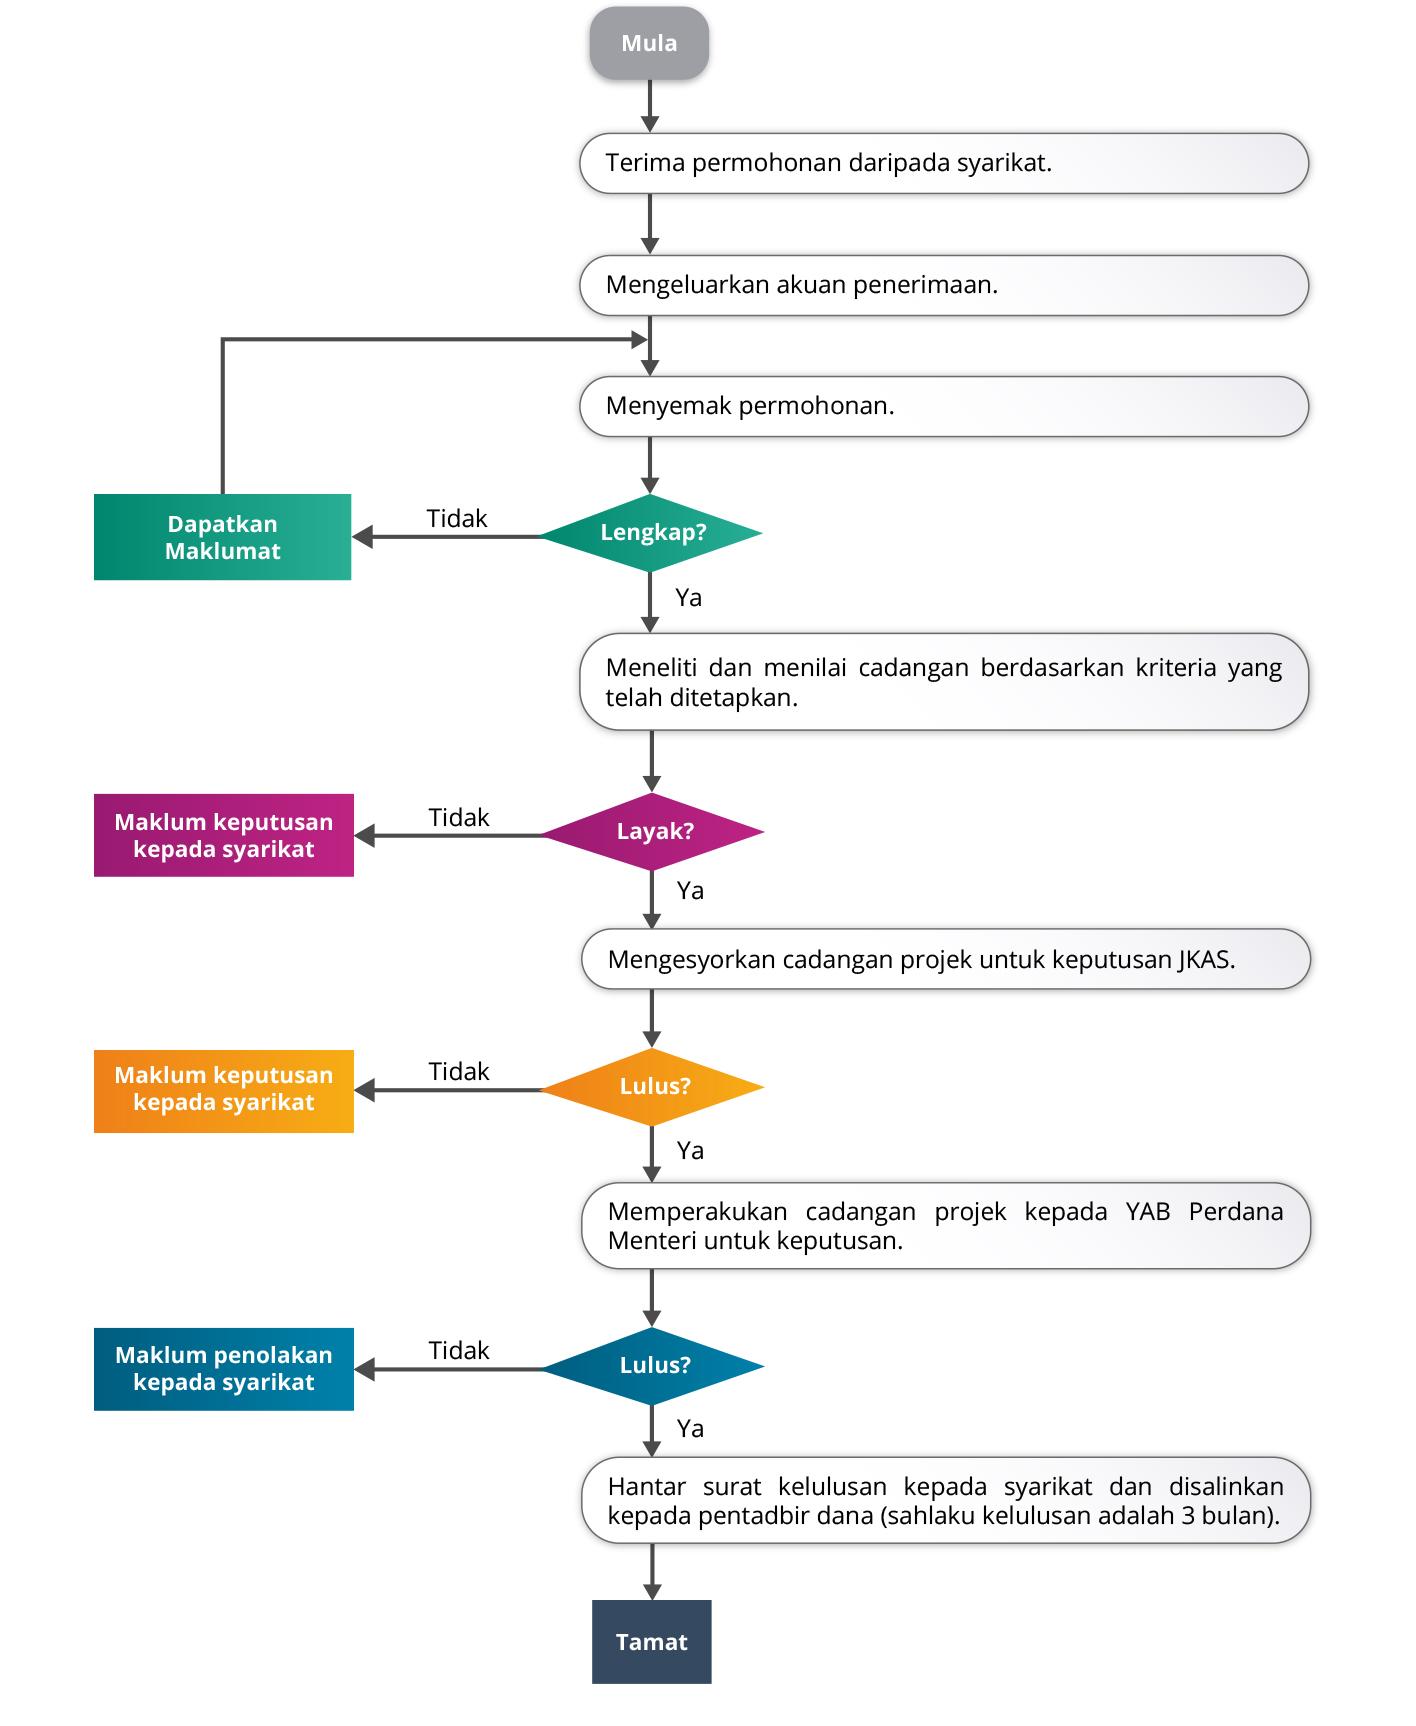 Process Flow Diagram Adalah   Wiring Diagram on